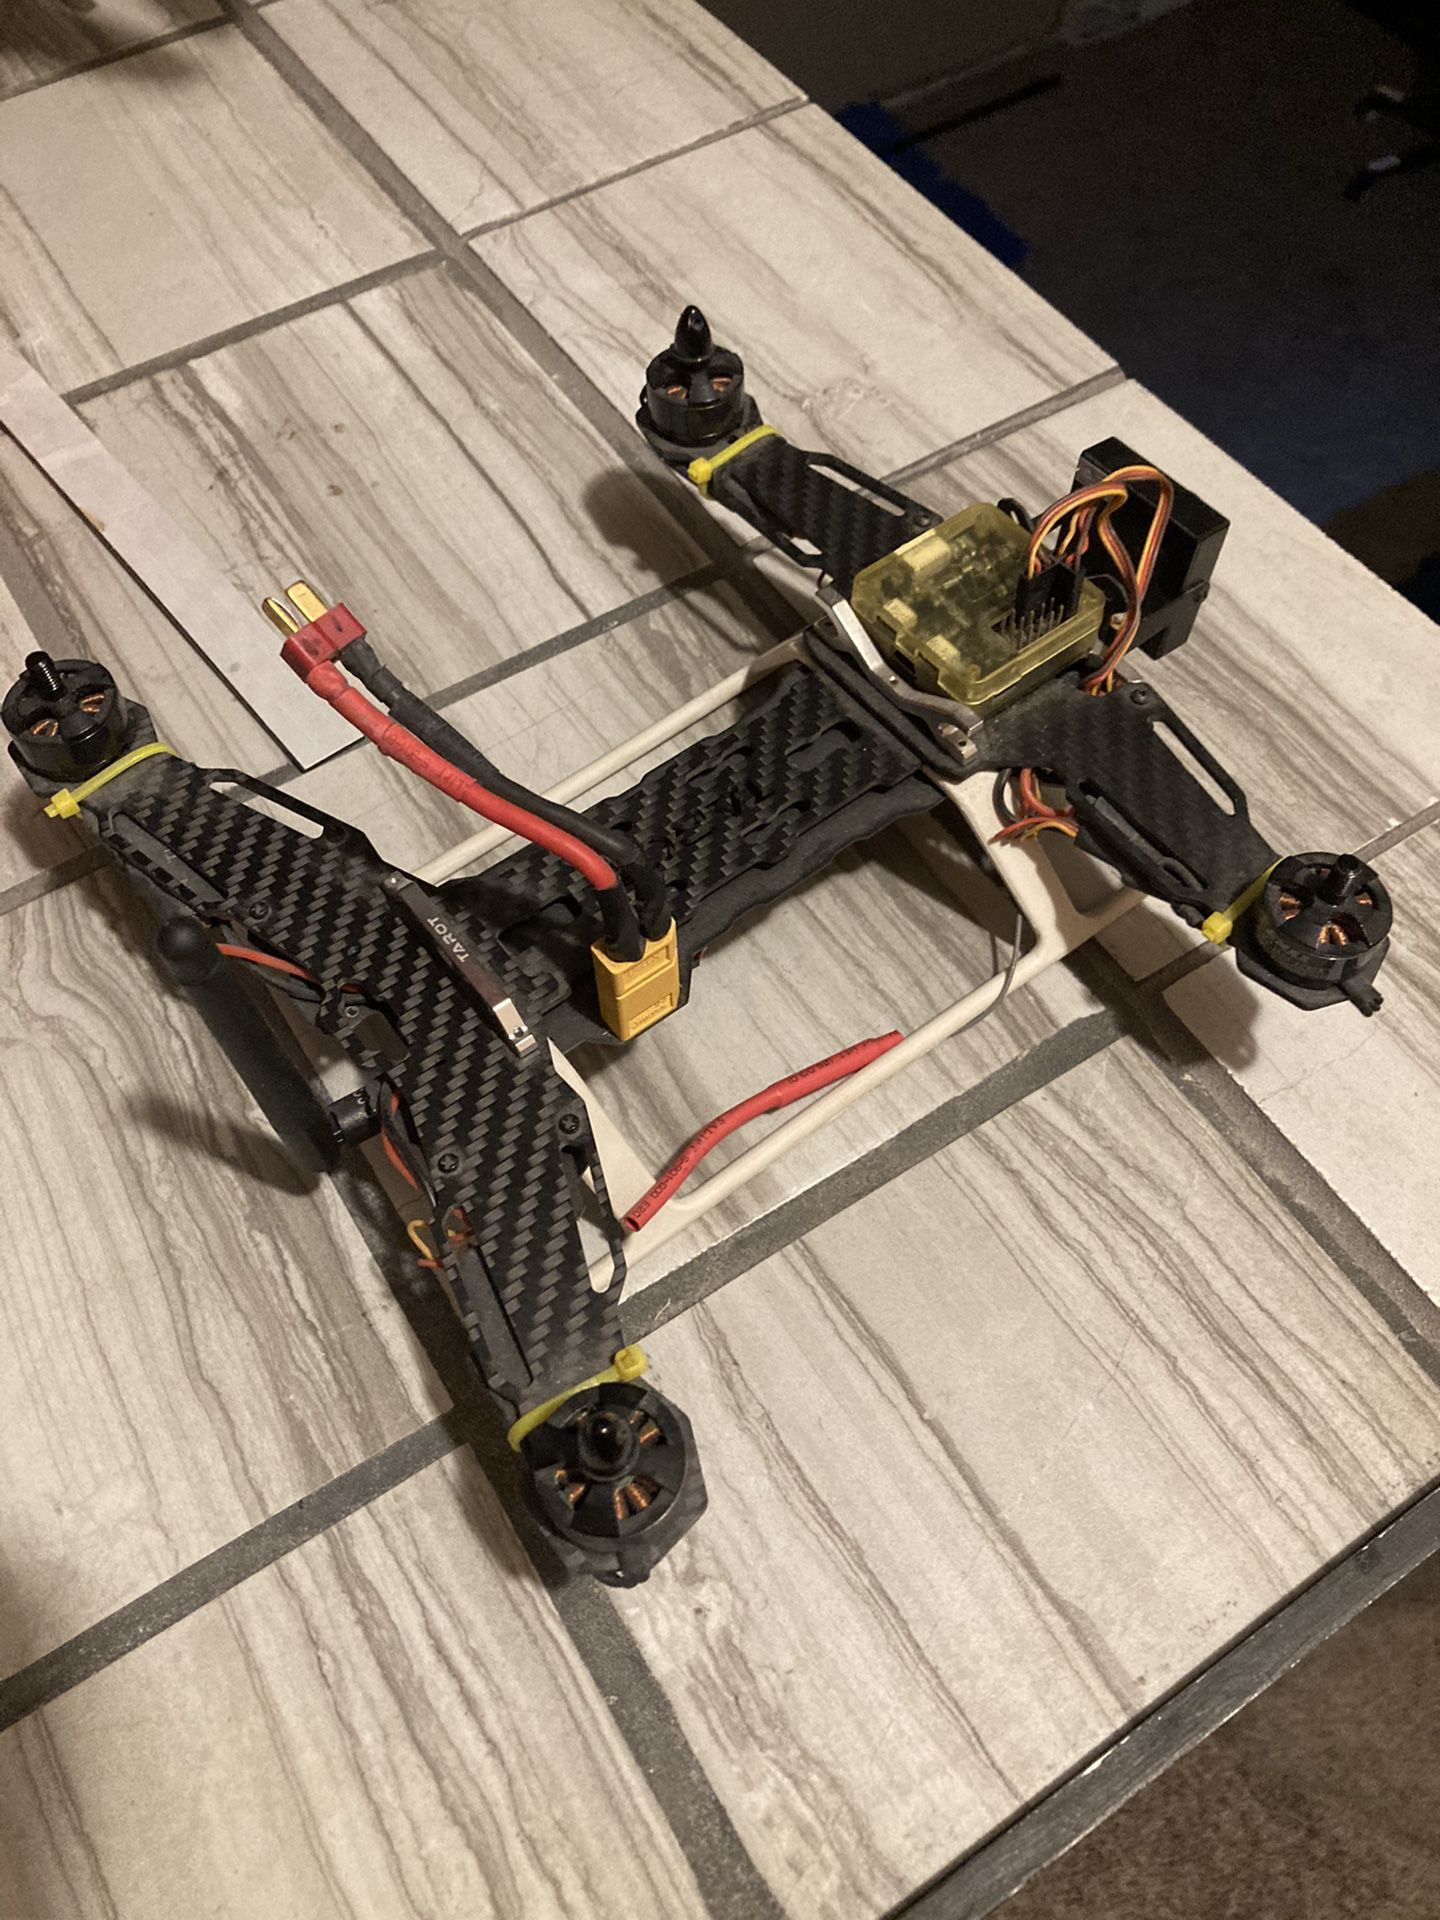 Tarot build racing drone